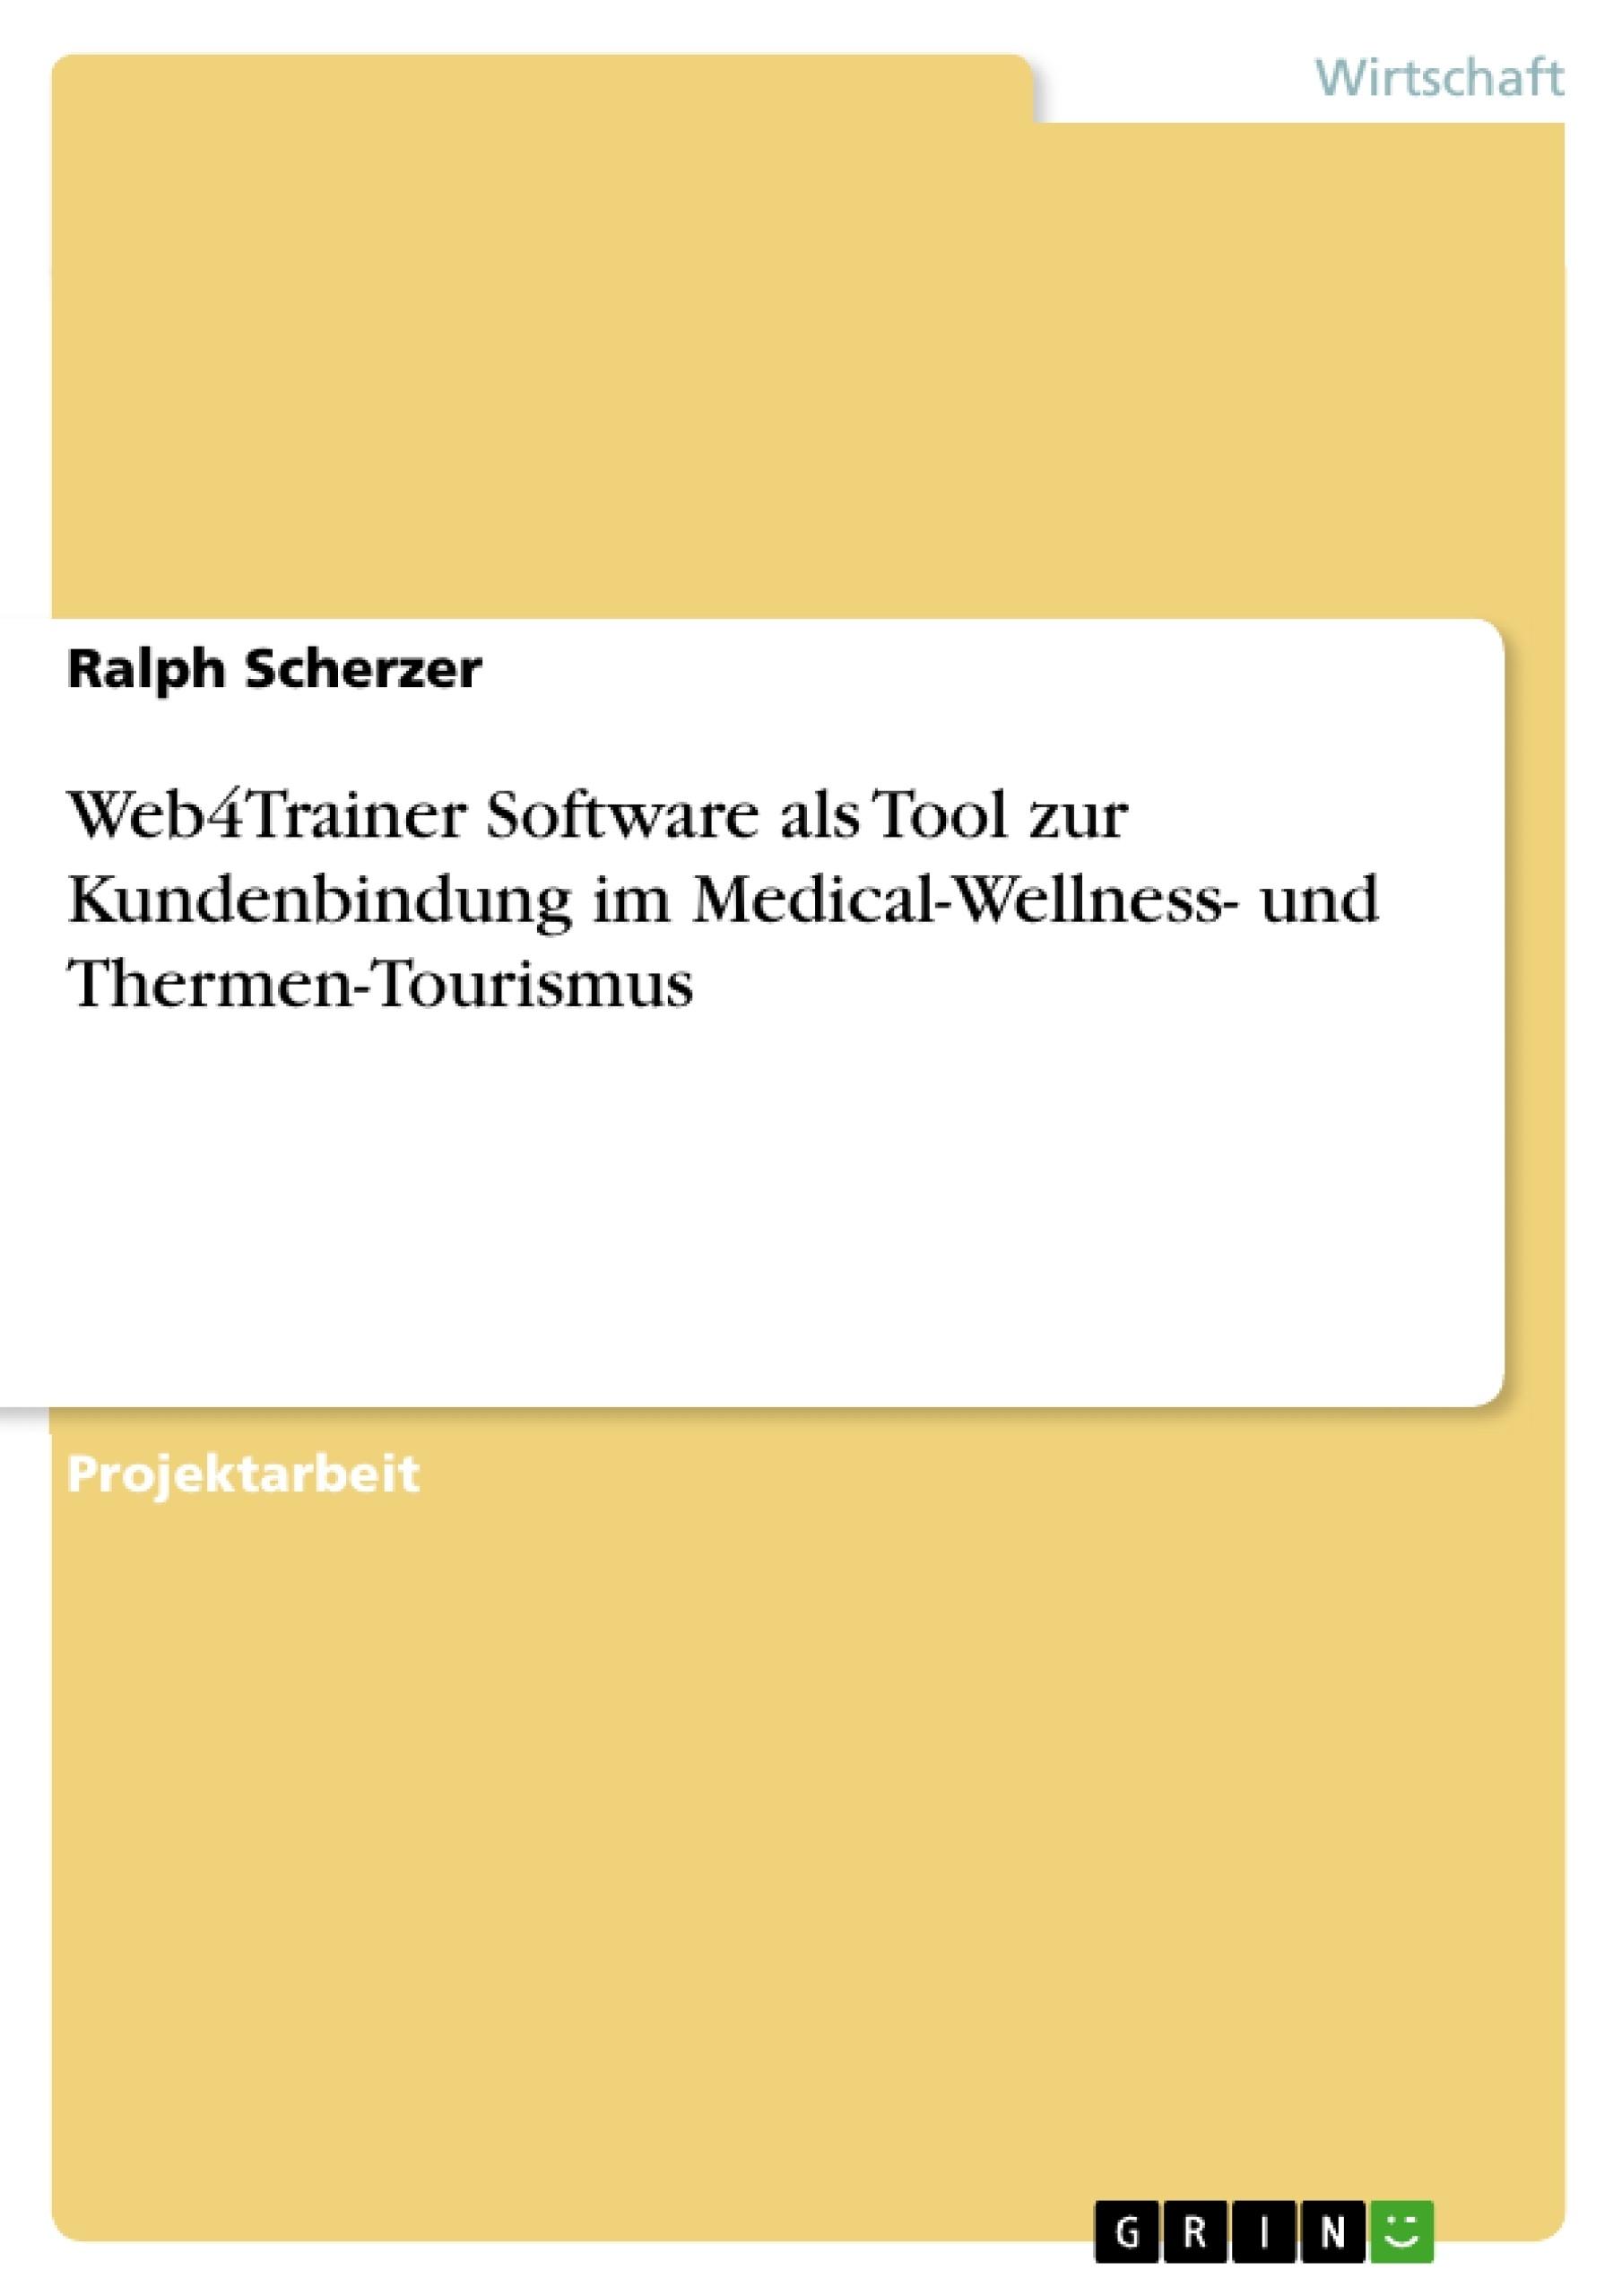 Titel: Web4Trainer Software als Tool zur Kundenbindung im Medical-Wellness- und Thermen-Tourismus